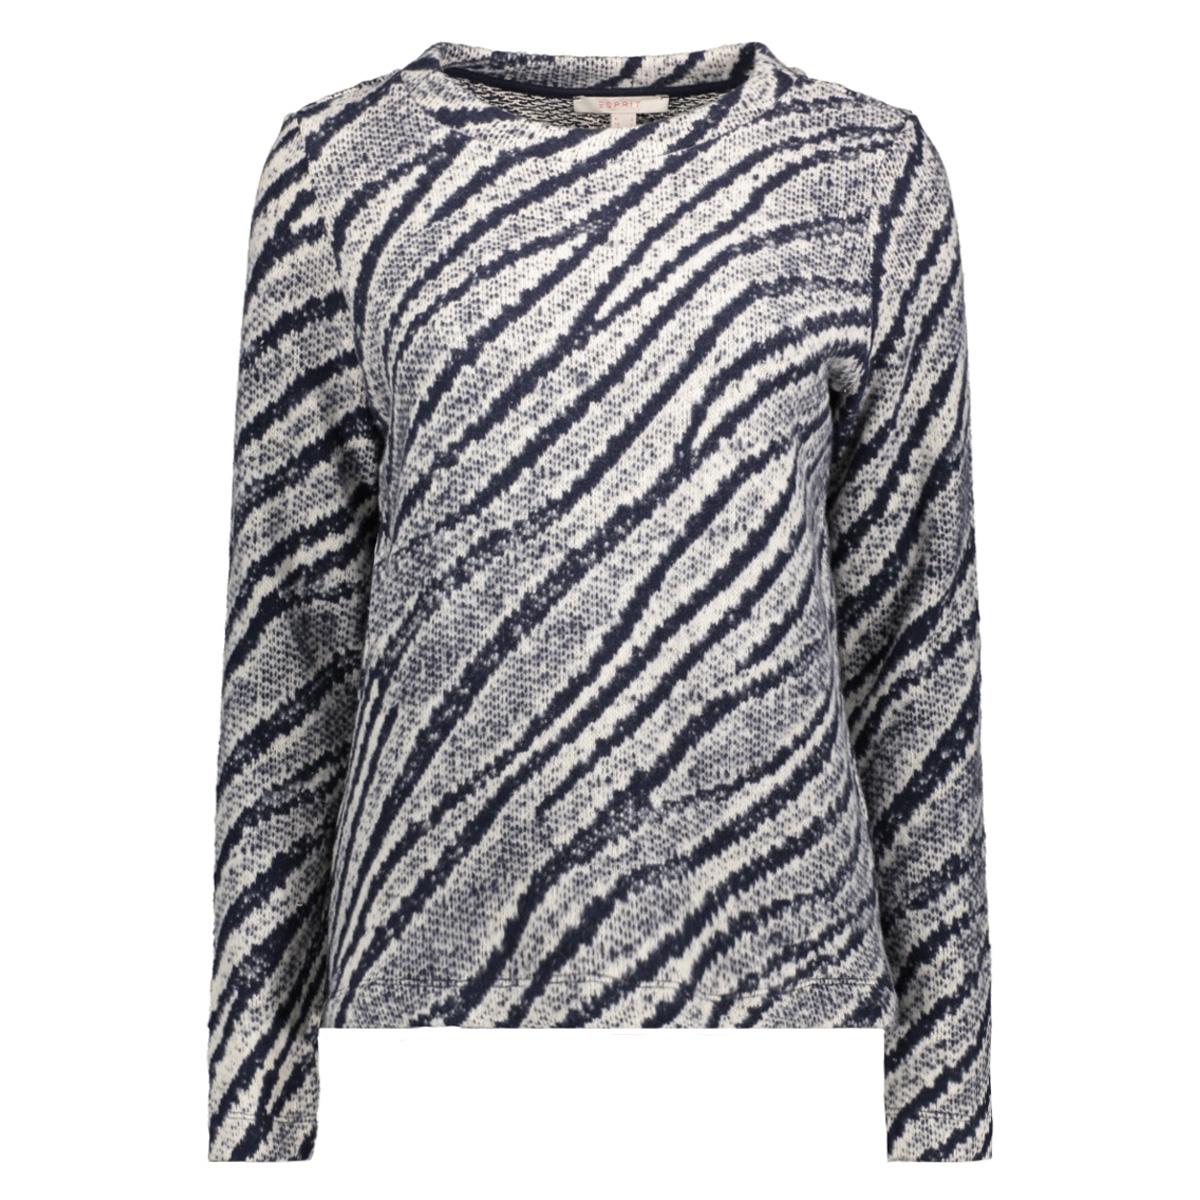 117ee1j004 esprit sweater e400